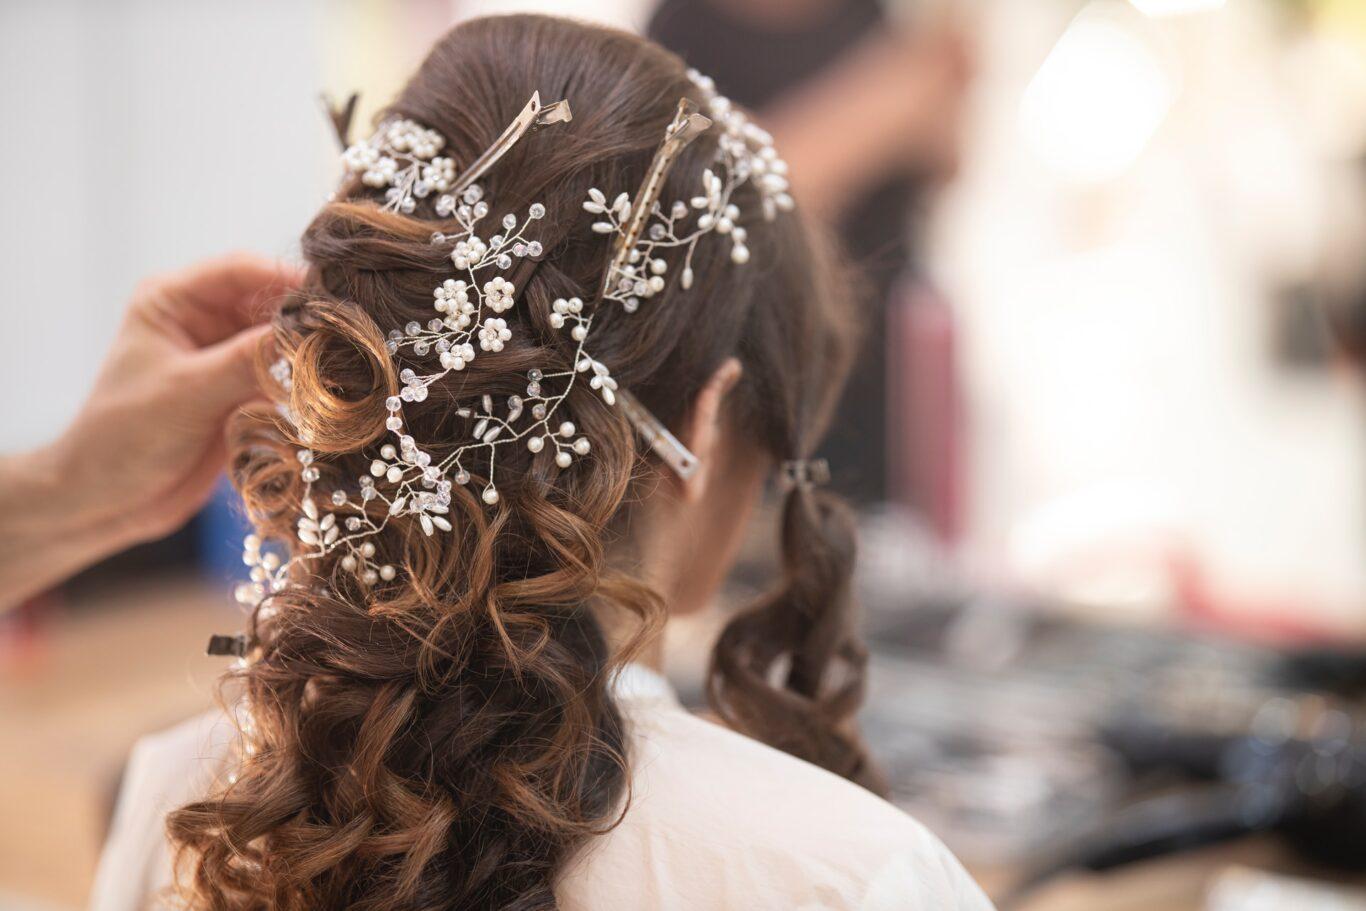 βρείτε το στυλ του χτενίσματός σας για την ημέρα του γάμου σας μέσα από φωτογραφίες περιοδικών